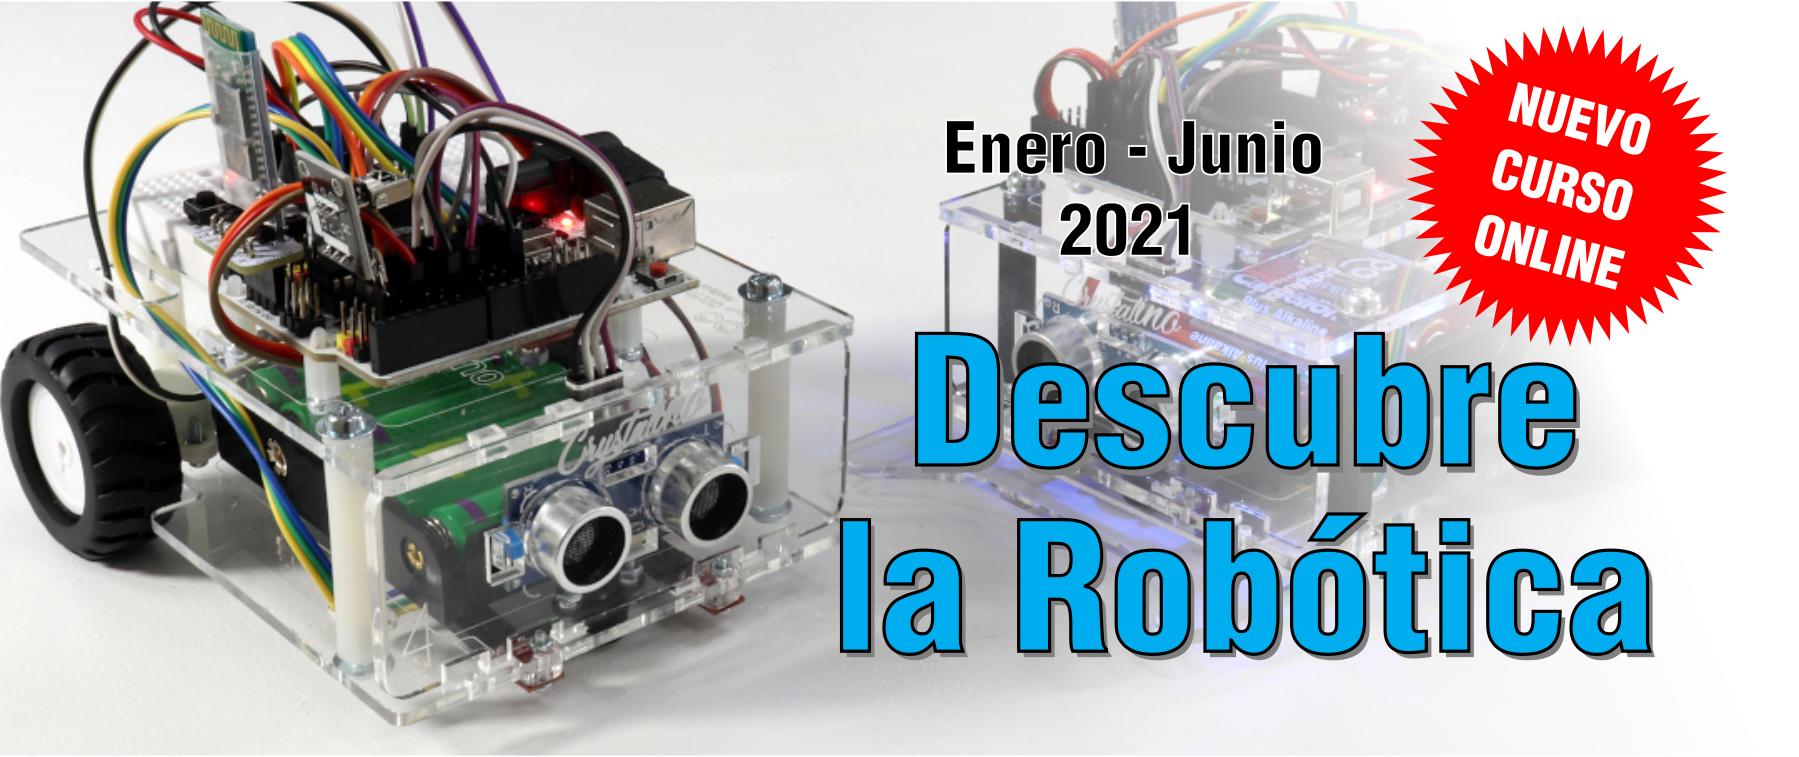 Descubre la robótica